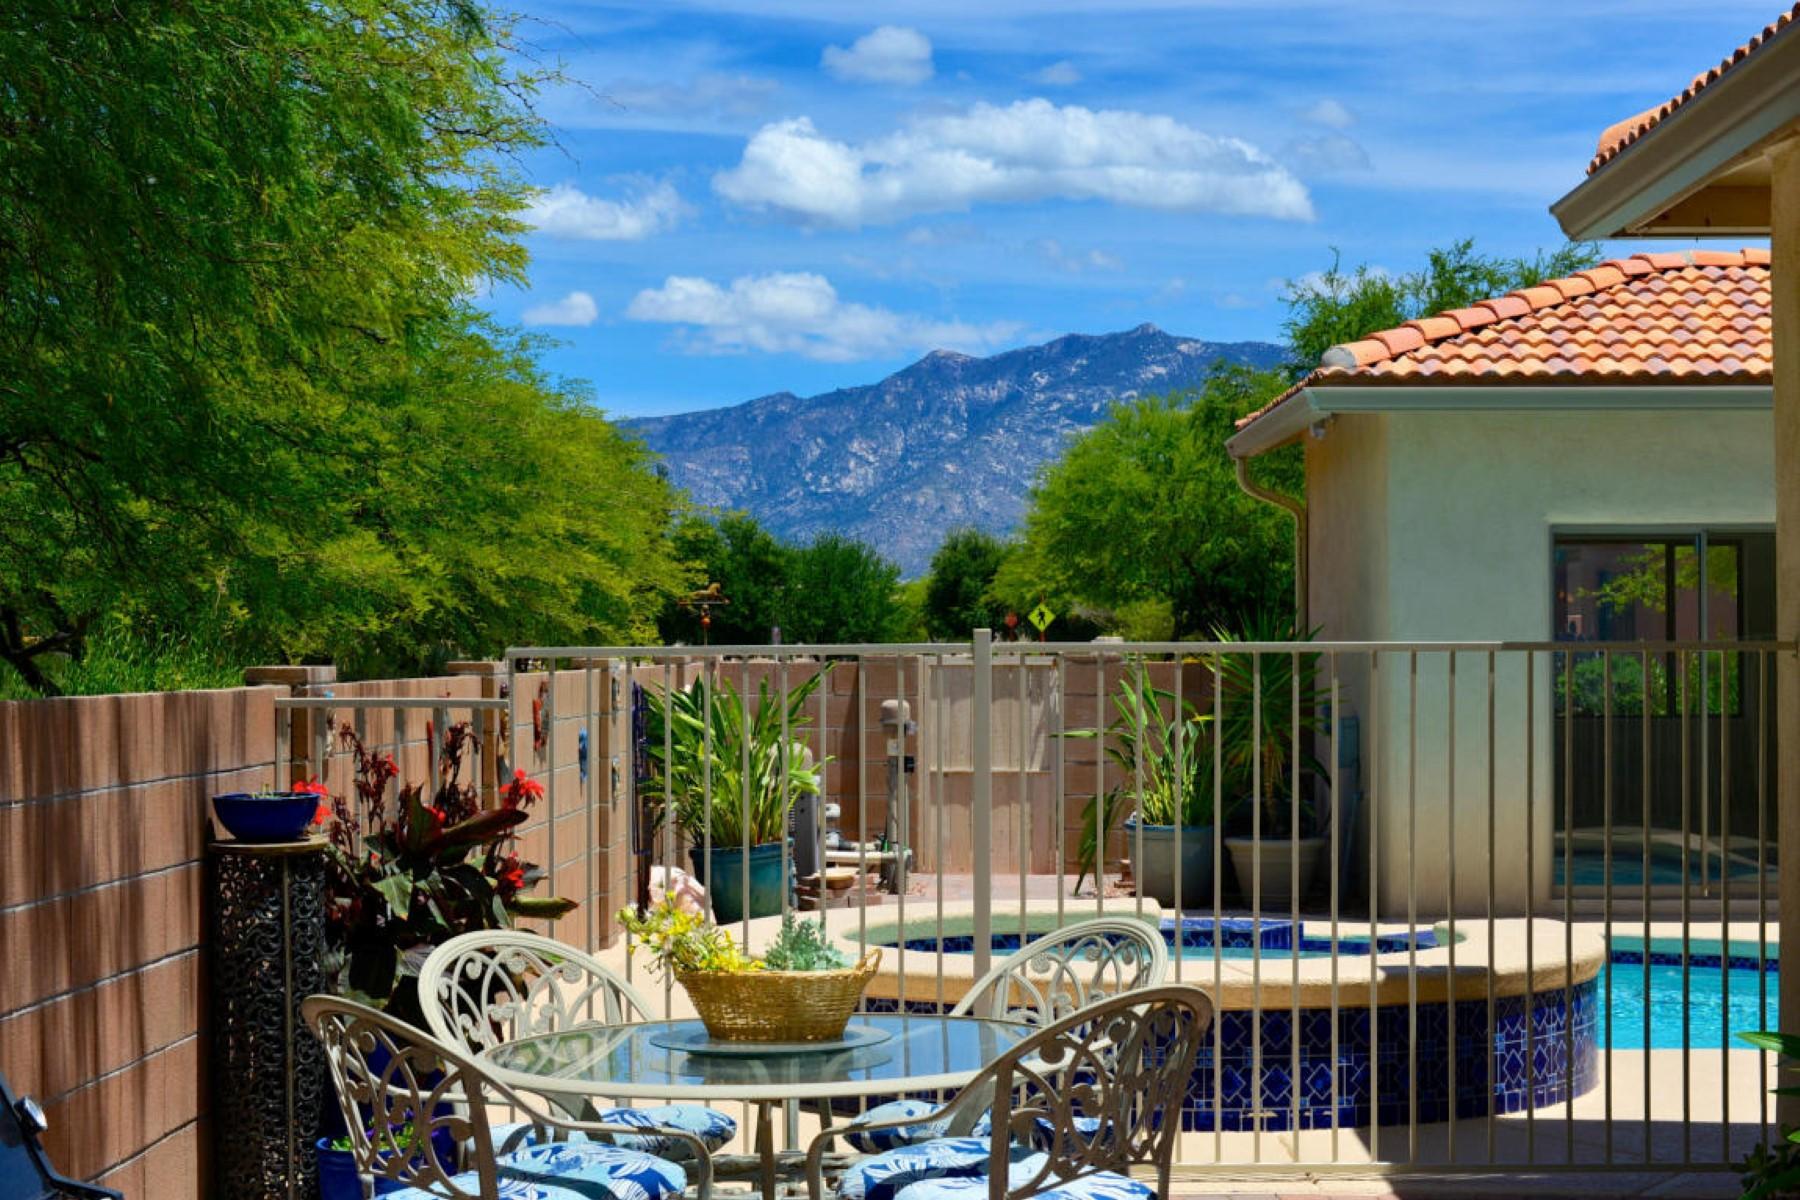 Частный односемейный дом для того Продажа на Charming, private, serene, convenient and immaculate home 13117 N Vintage Drive Oro Valley, Аризона 85755 Соединенные Штаты